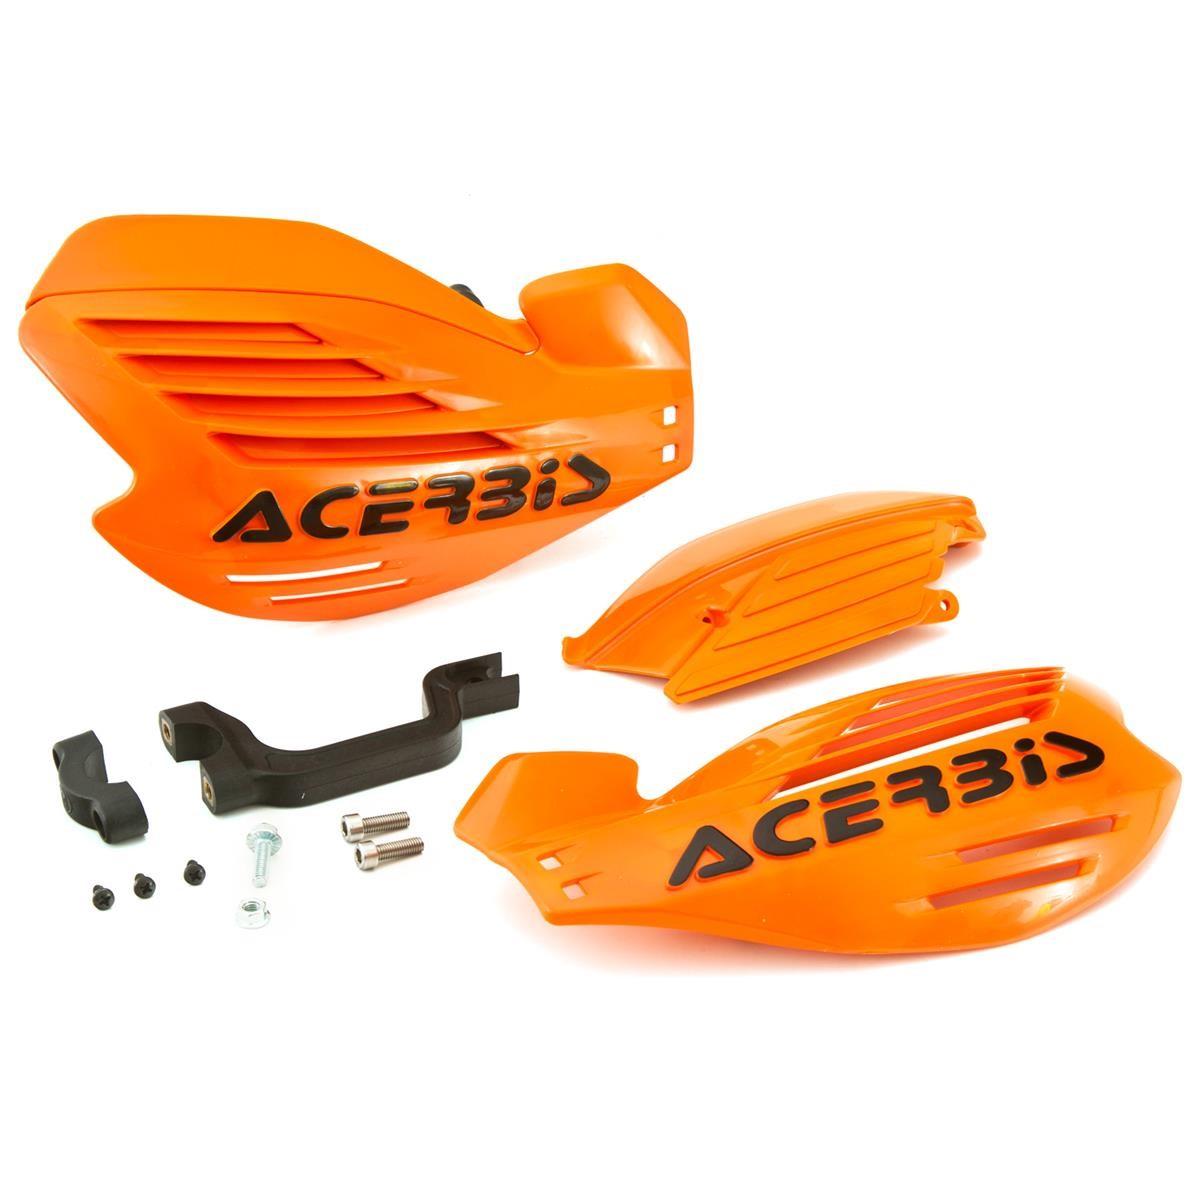 Acerbis Handschalen X-Force Orange, Inkl. Anbaukit